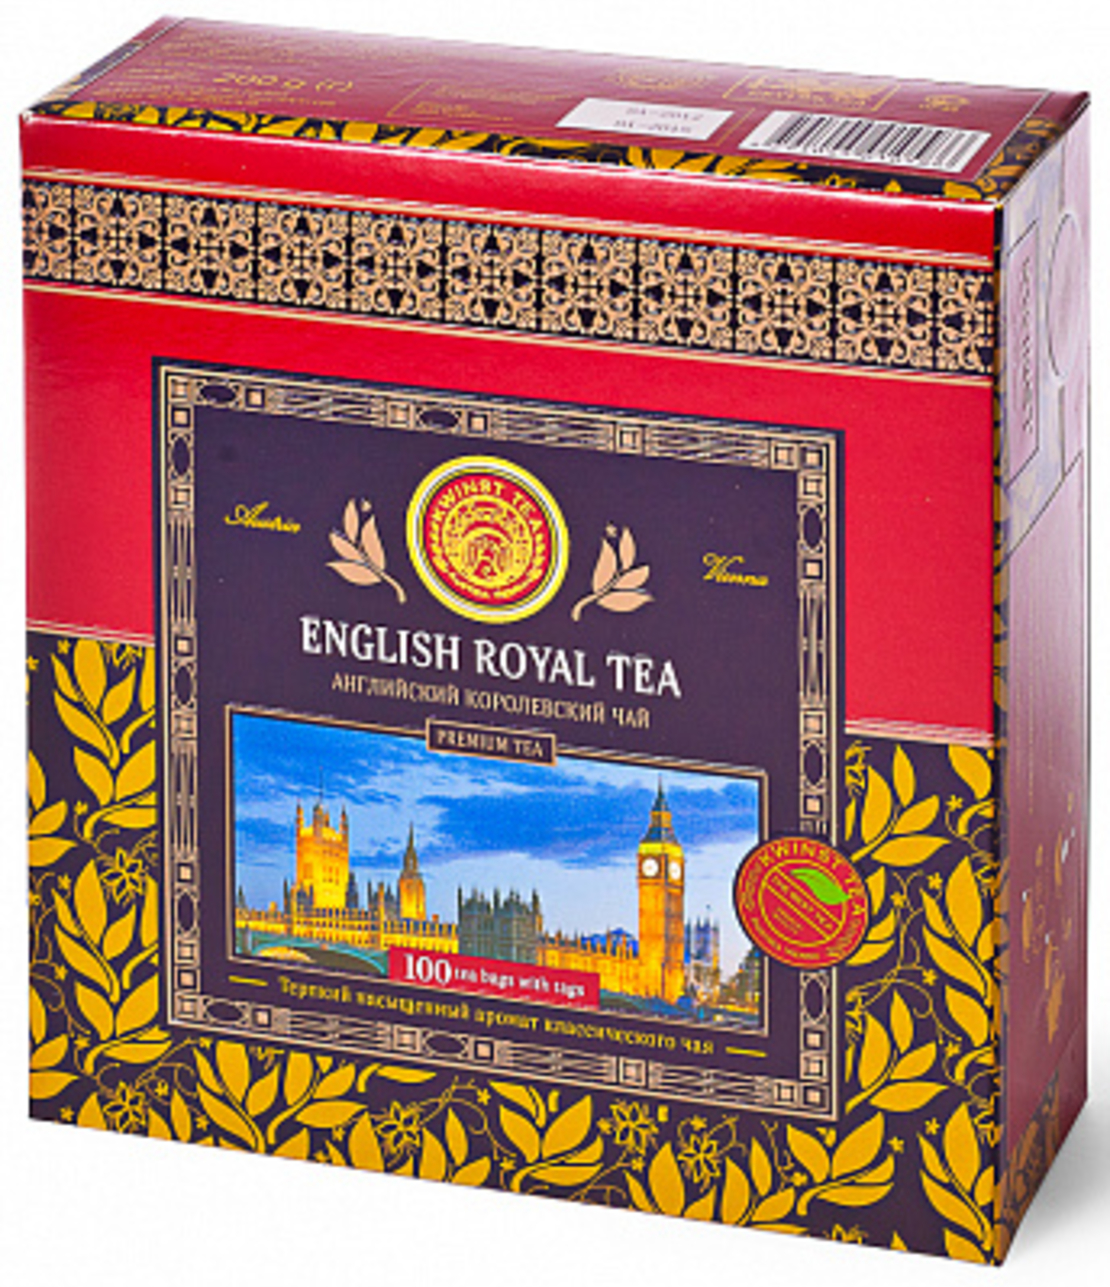 Чай KWINST английский королевский, 100 пакетиков